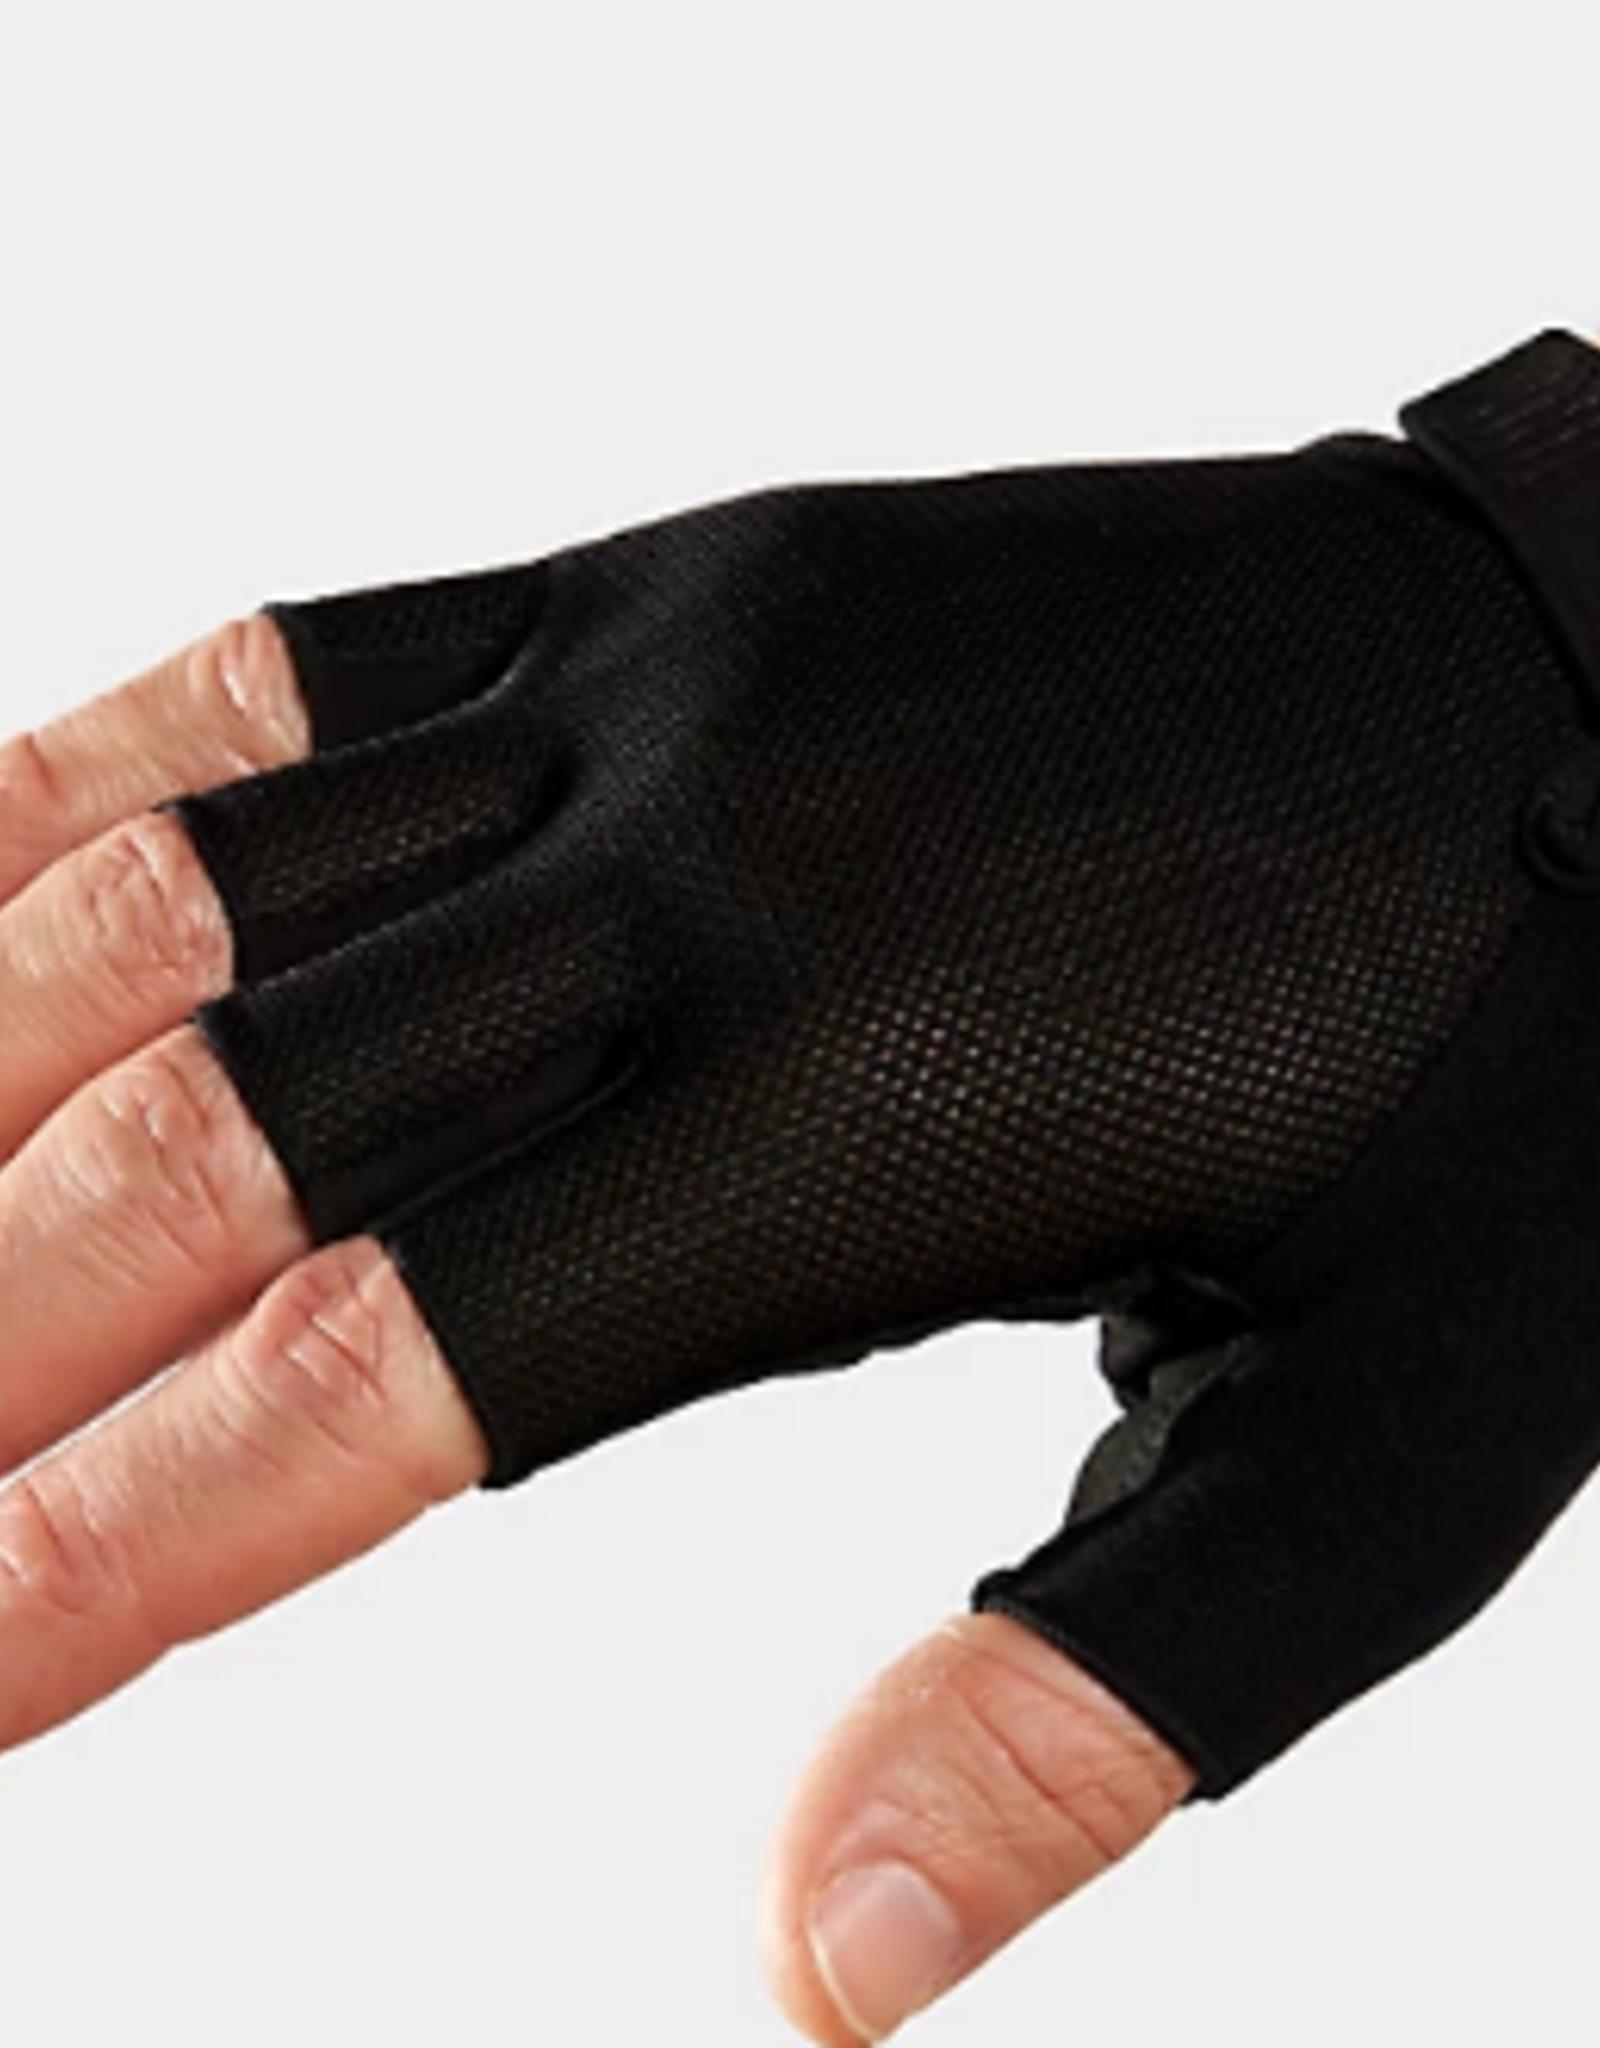 BONTRAGER Glove Bontrager Solstice Flat Bar Xx-Large Black